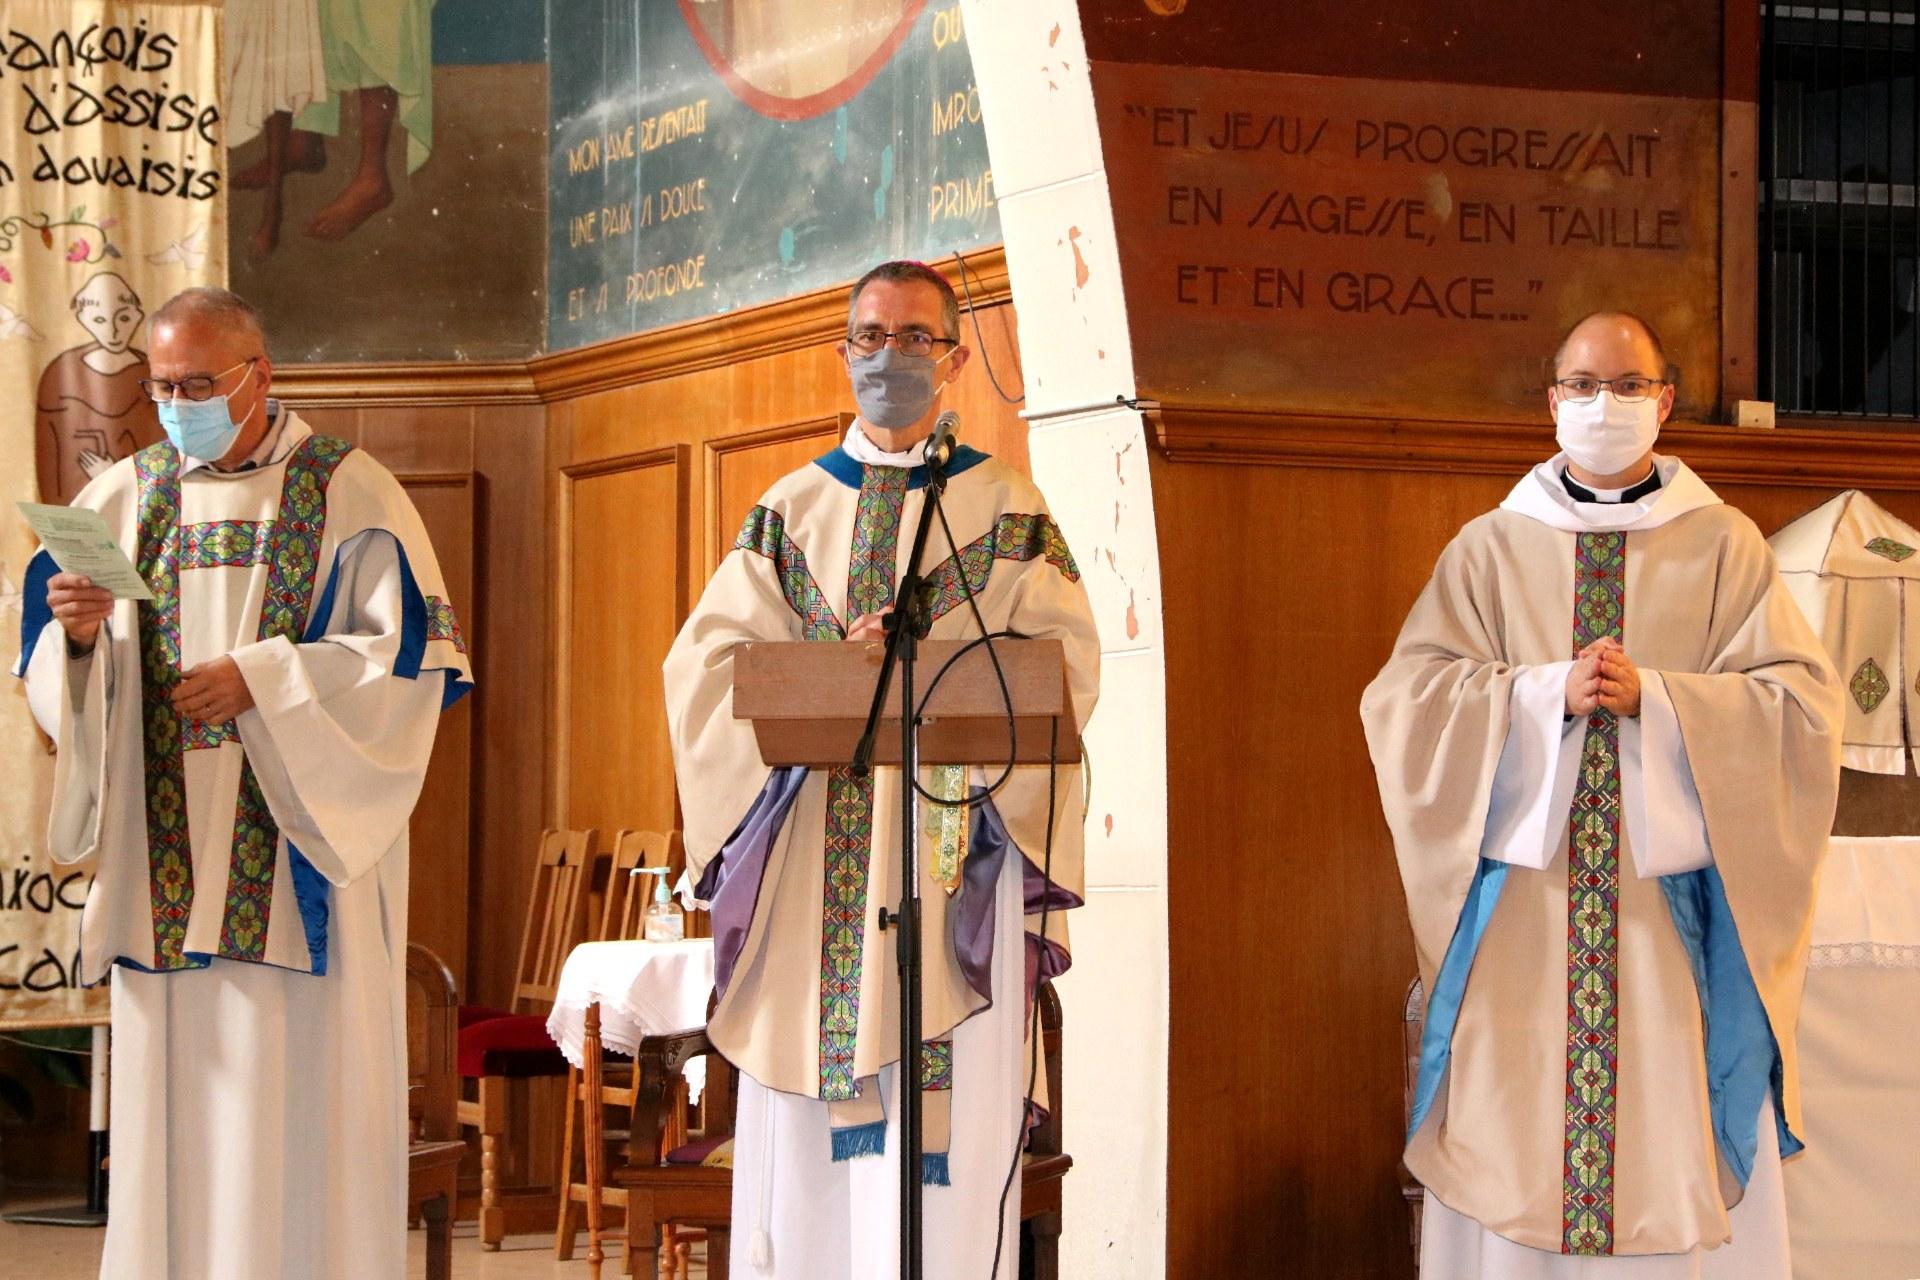 2010 - Messe présidée par Mgr DOLLMANN 11